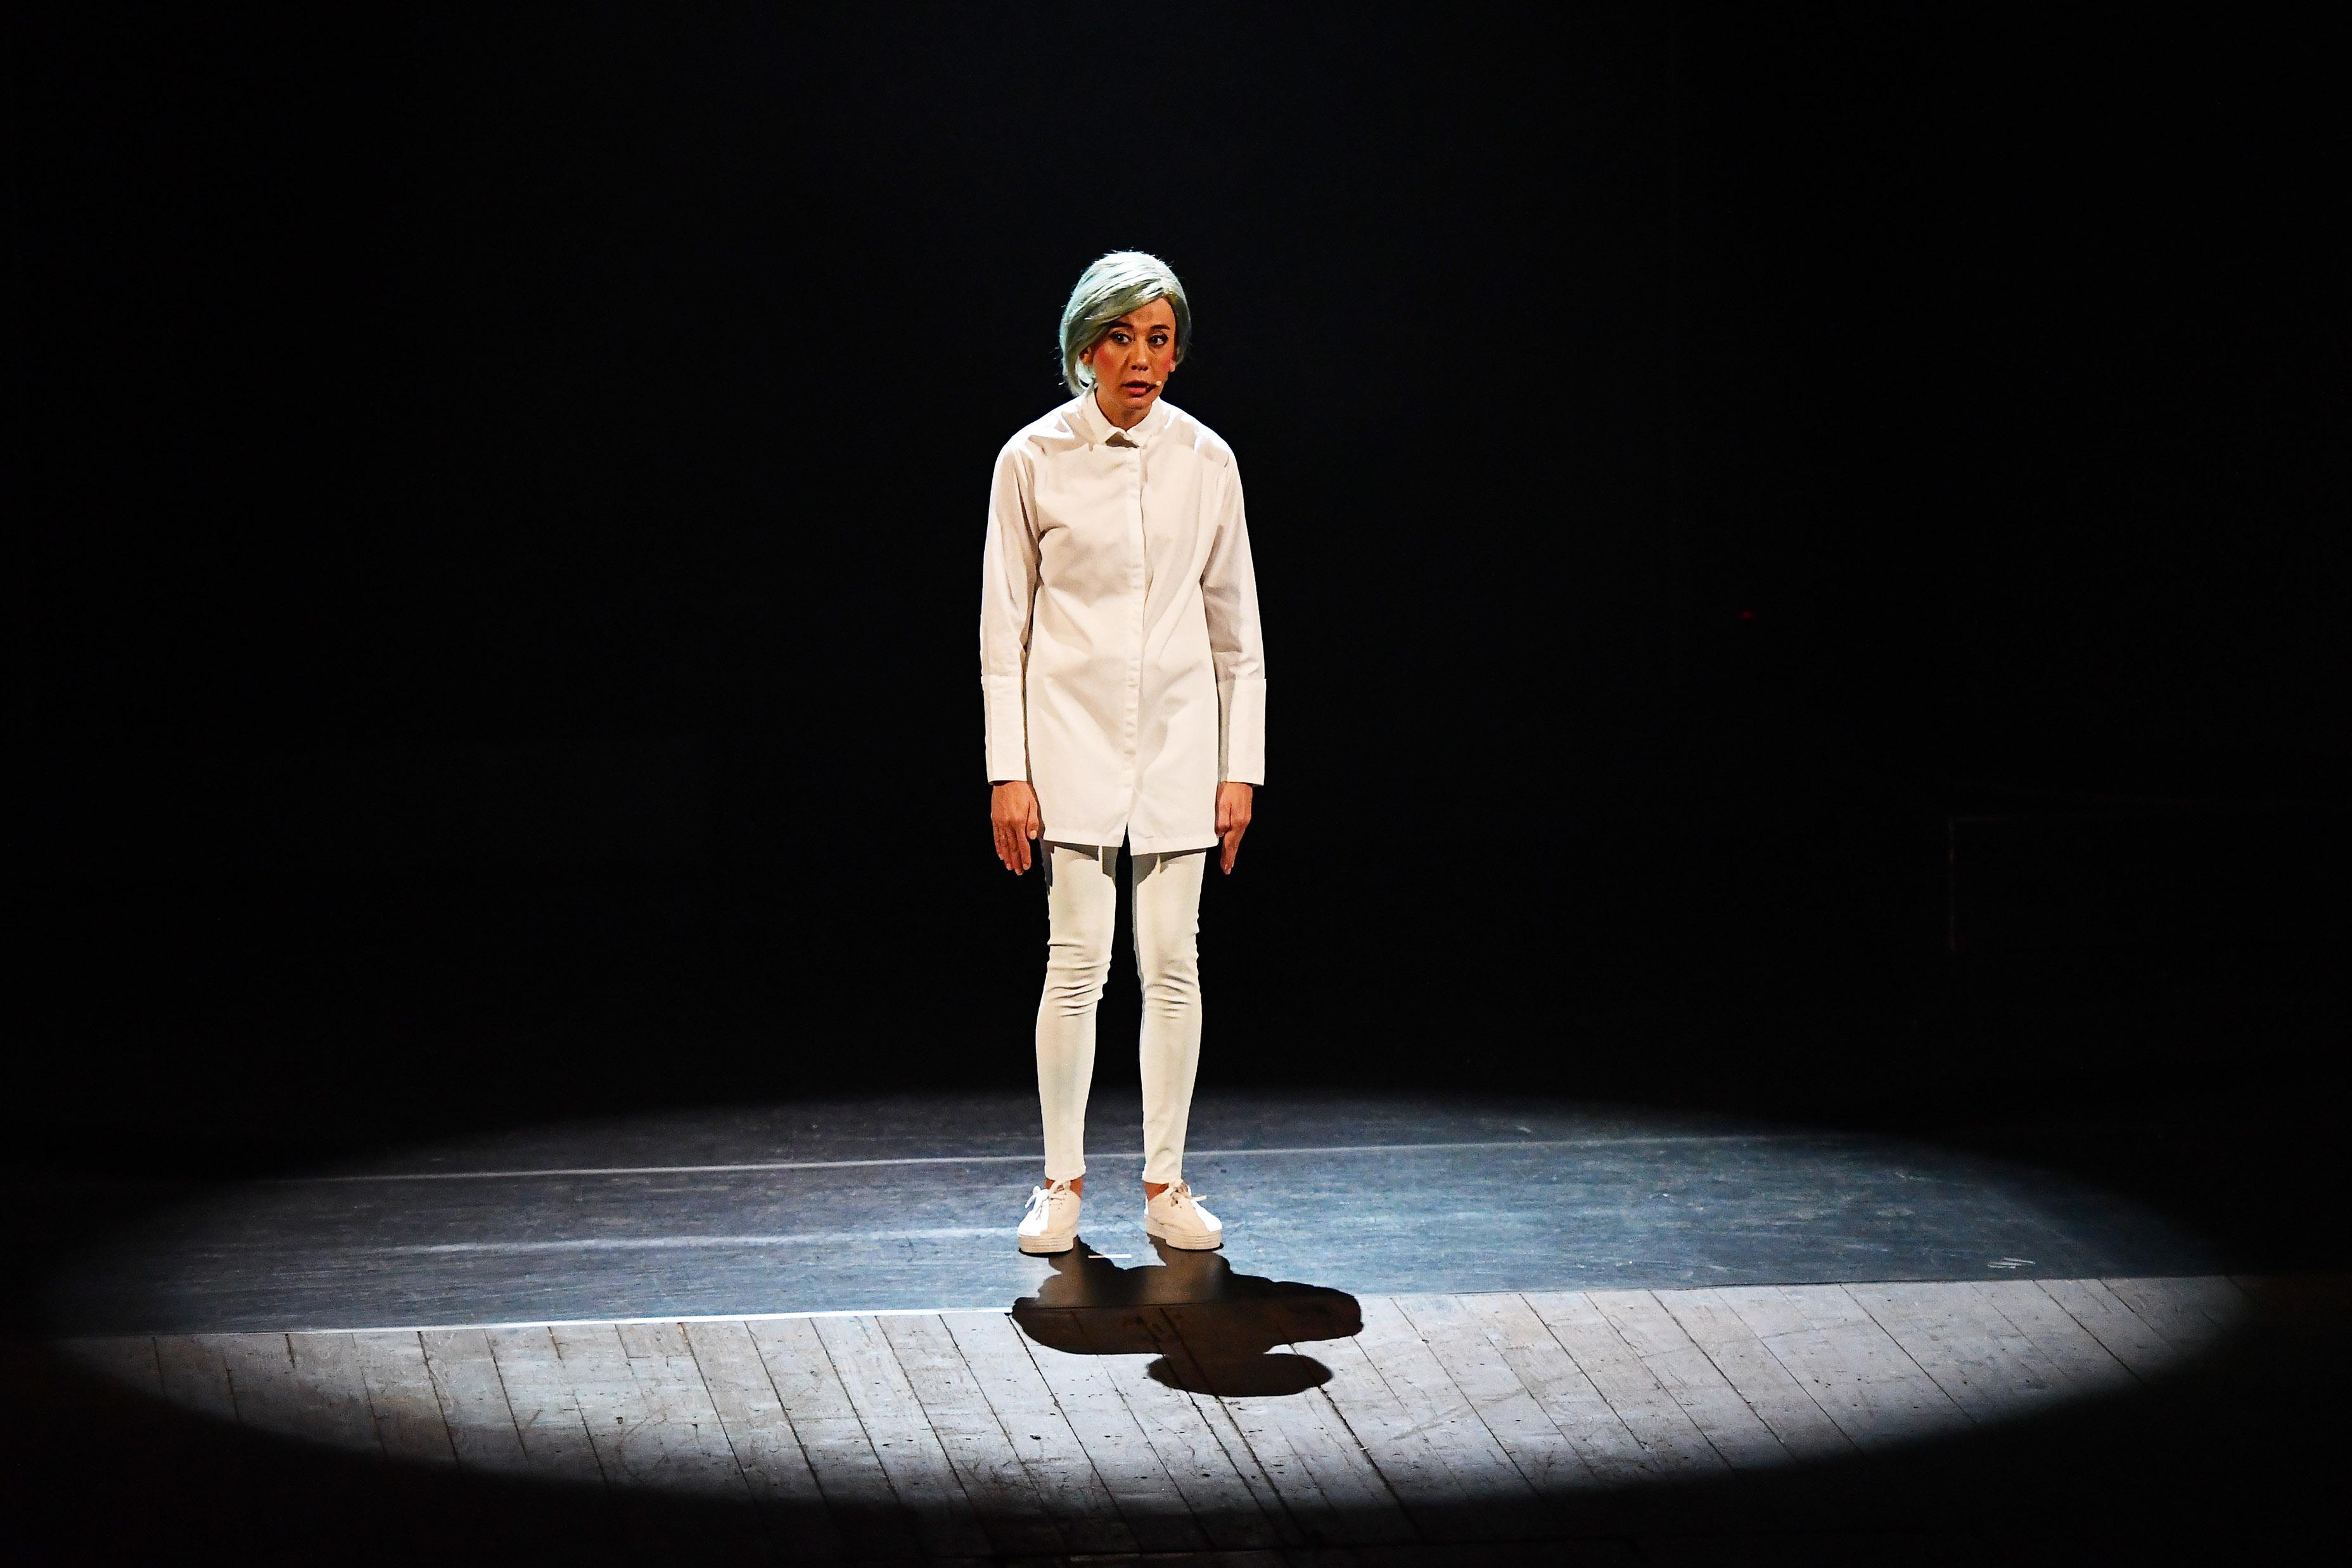 LA RECENSIONE: Virginia Raffaele, o della differenza tra performer e performance